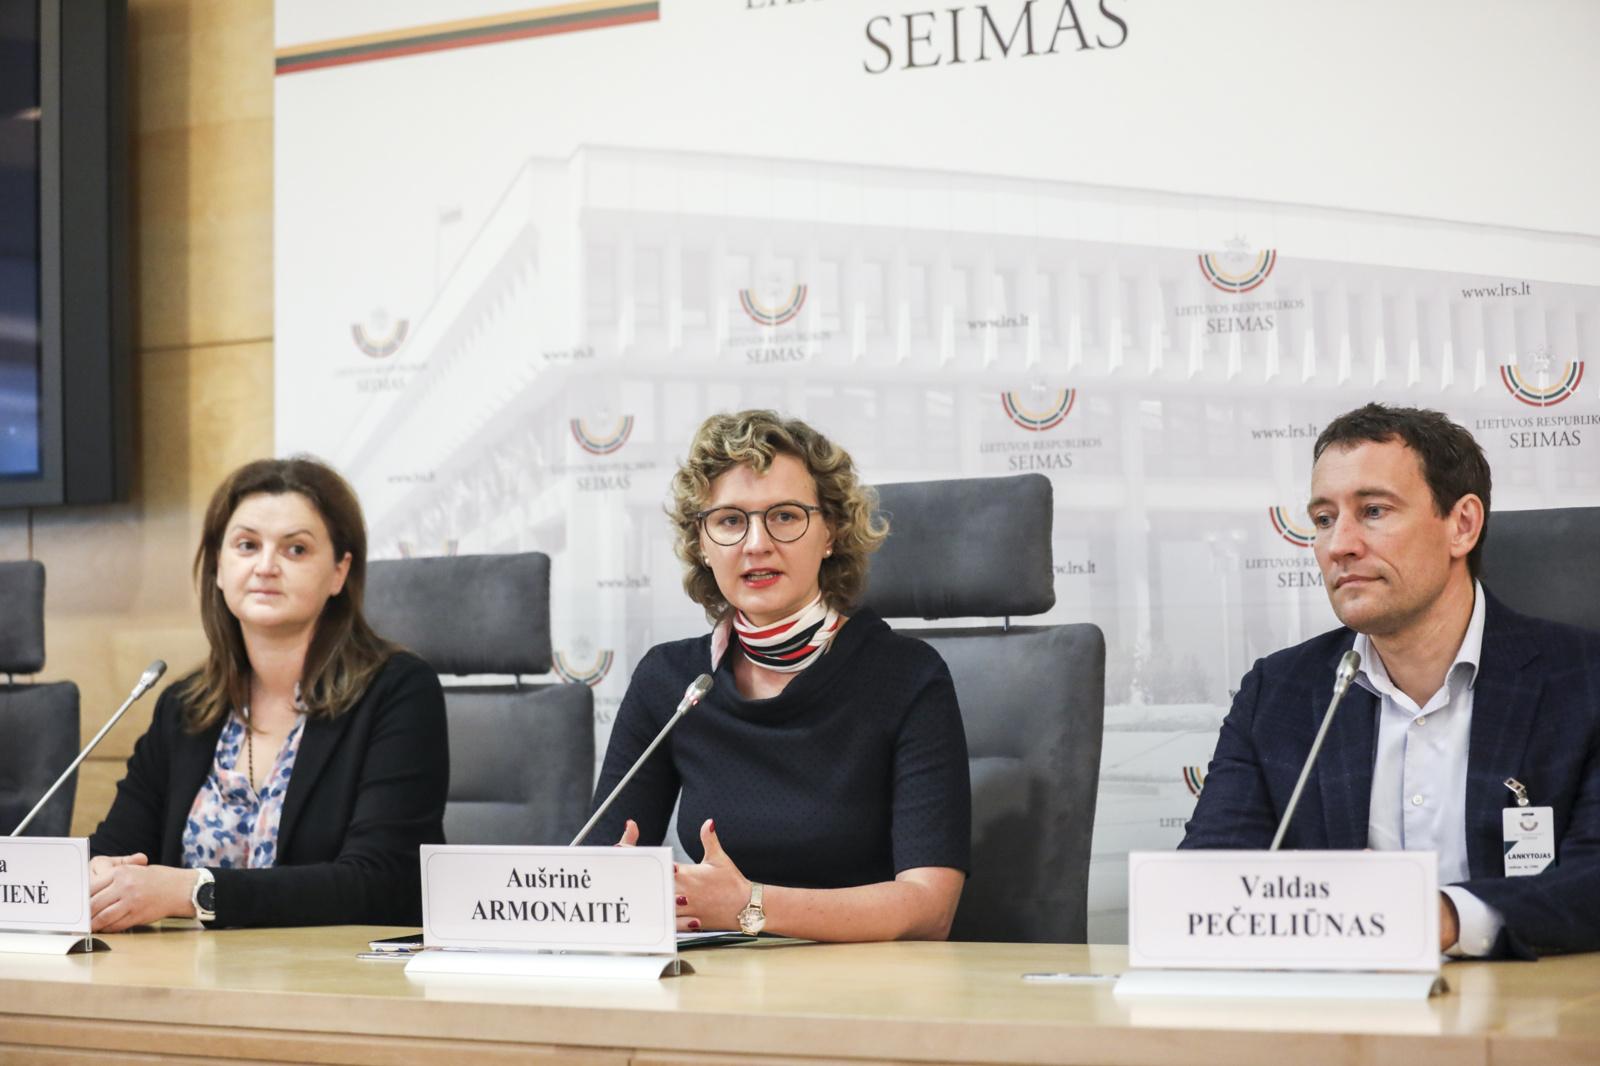 Gydytojas V. Pečeliūnas: vėžiu sergantiems inovatyvūs vaistai Lietuvoje menkai prieinami, tai turi baigtis